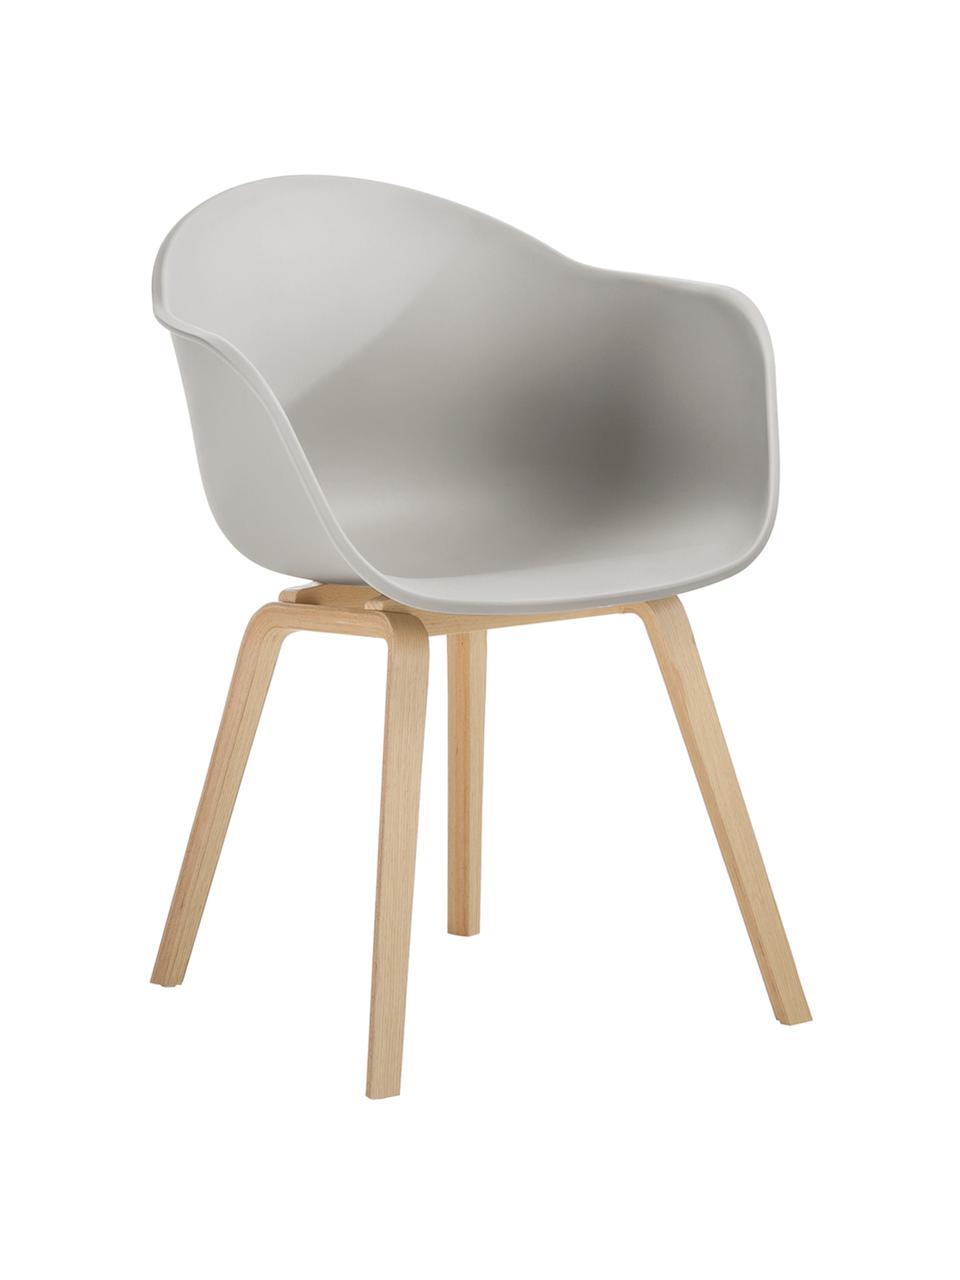 Sedia con braccioli e gambe in legno Claire, Seduta: materiale sintetico, Gambe: legno di faggio, Seduta: grigio beige Gambe: legno di faggio, Larg. 60 x Alt. 54 cm